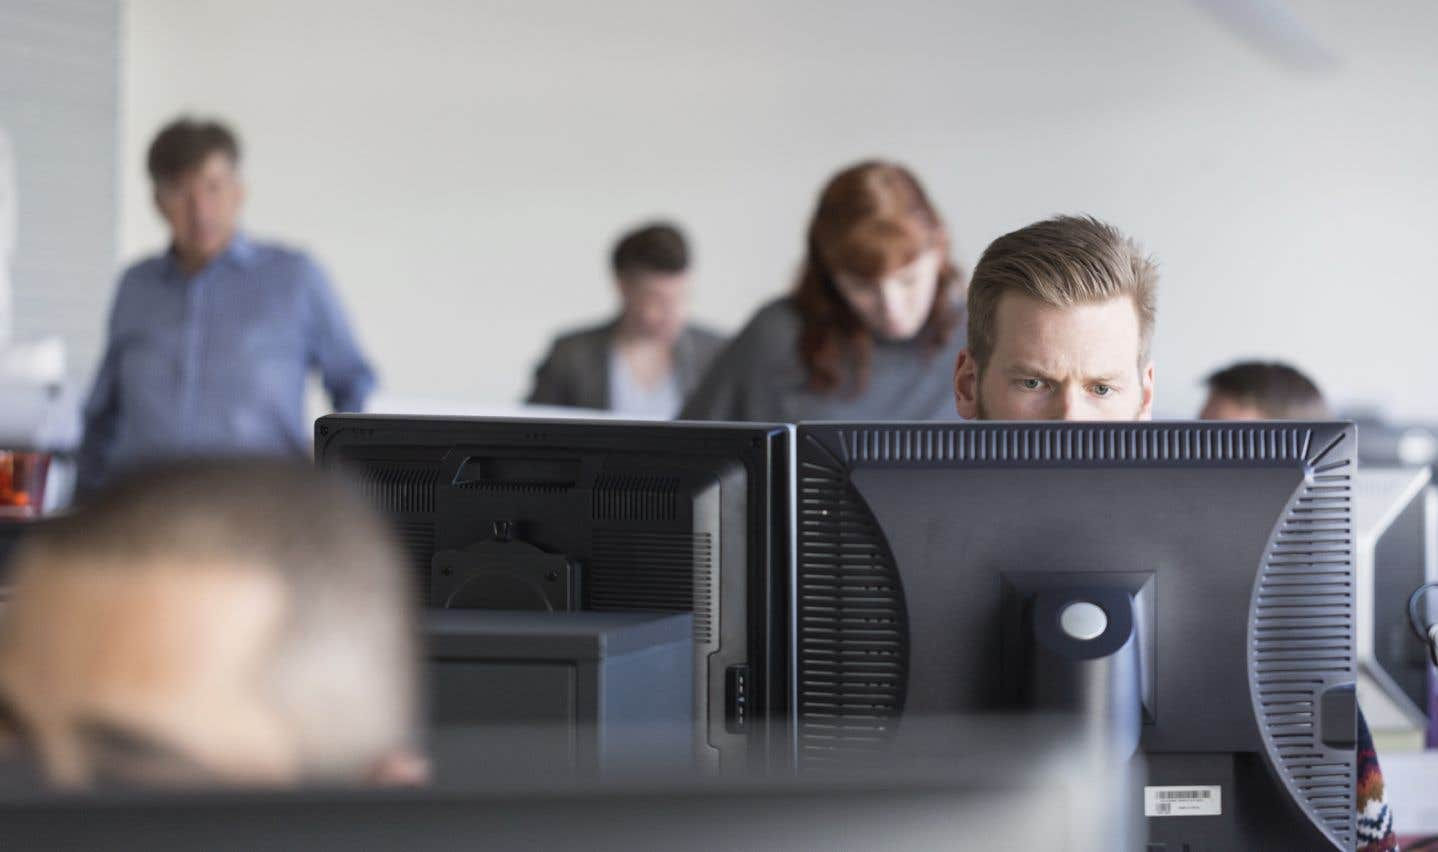 «Il faut augmenter la littératie numérique dans les équipes de communication», dit Nellie Brière, consultante en stratégie de communications numériques.